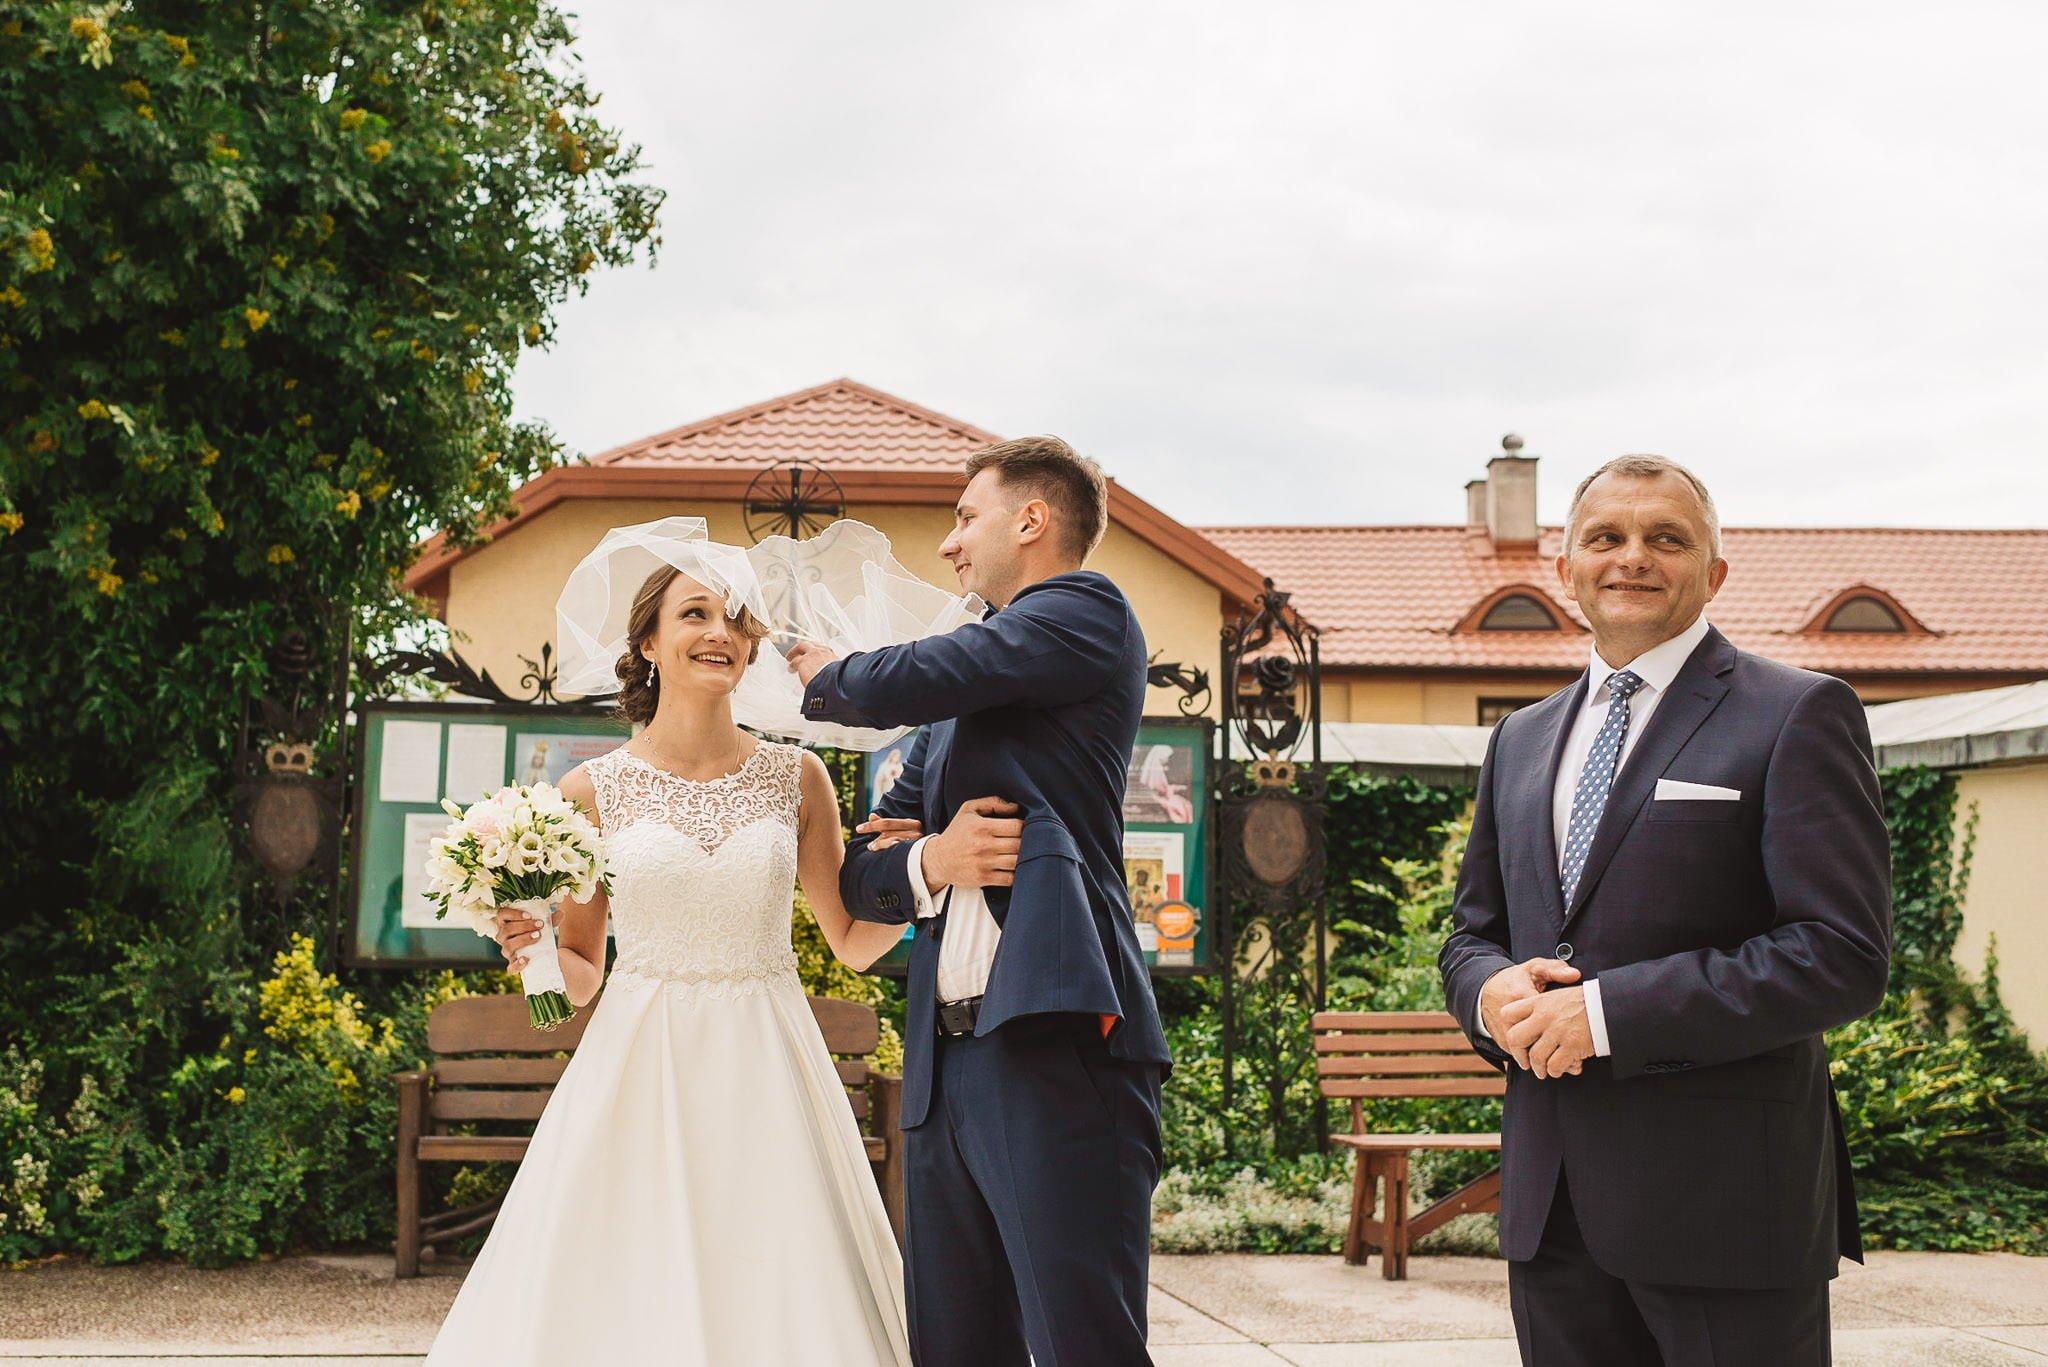 Monika i Michał, wesele w Paryżu i sesja plenerowa w stadninie koni w Czołowie 82